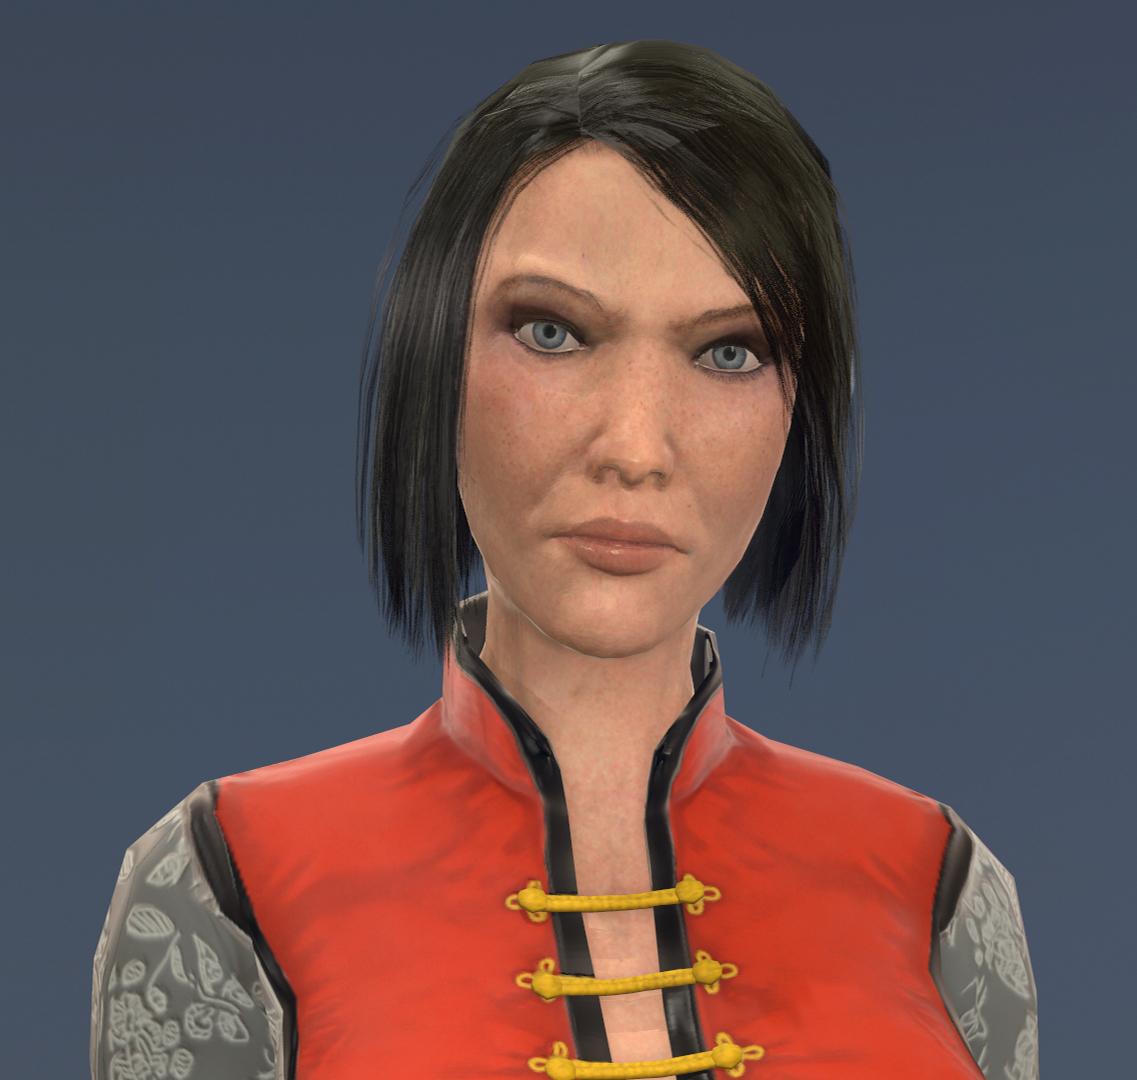 Proyecto personaje videojuego, dentro del master de modelado de personajes de animum